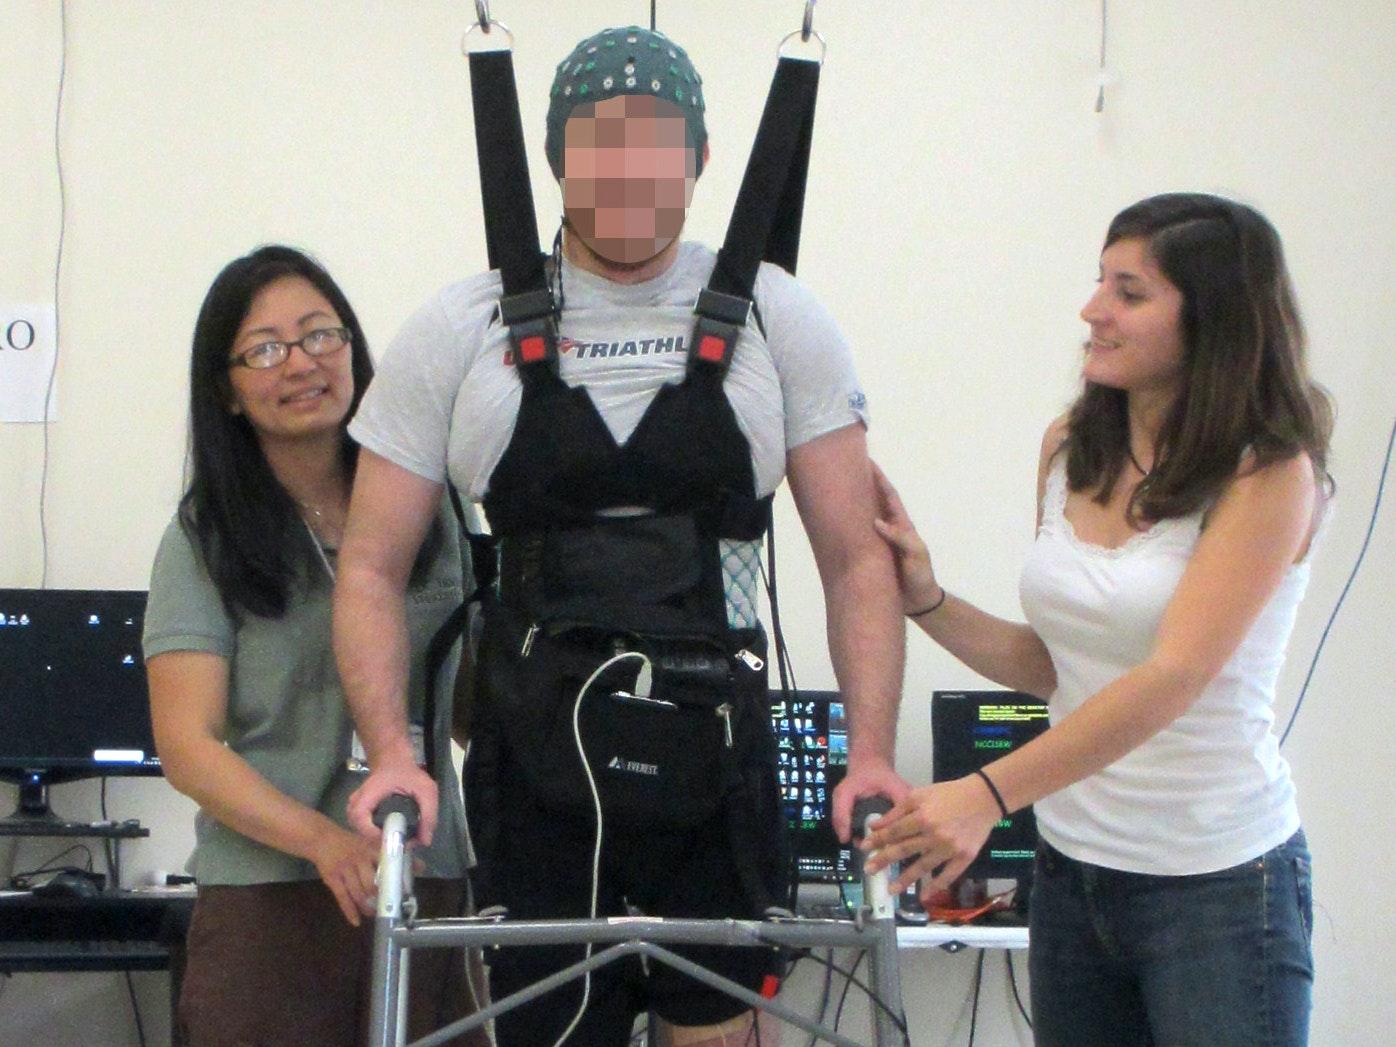 Paraplegic Man Walks Again Using a Computer Connecting Brain and Legs